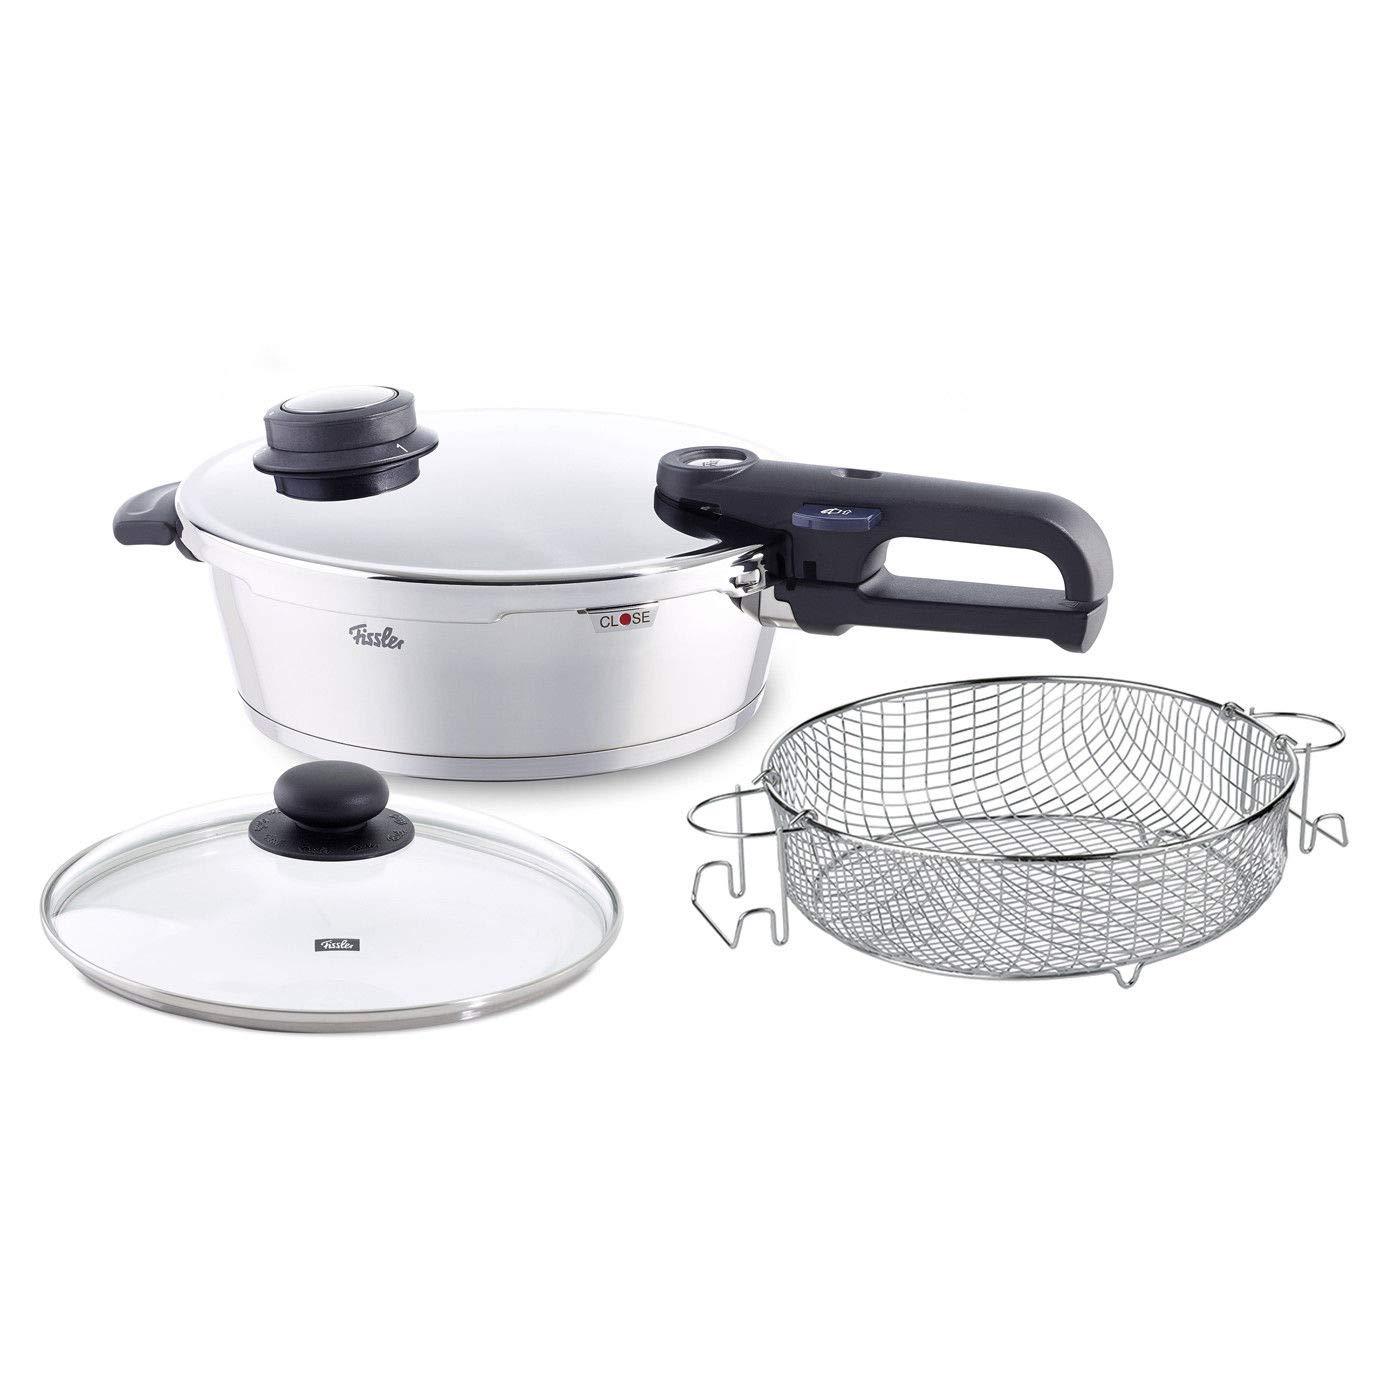 Fissler 4.2-Quart Vitavit Premium 4-Piece Pressure Cooker Set